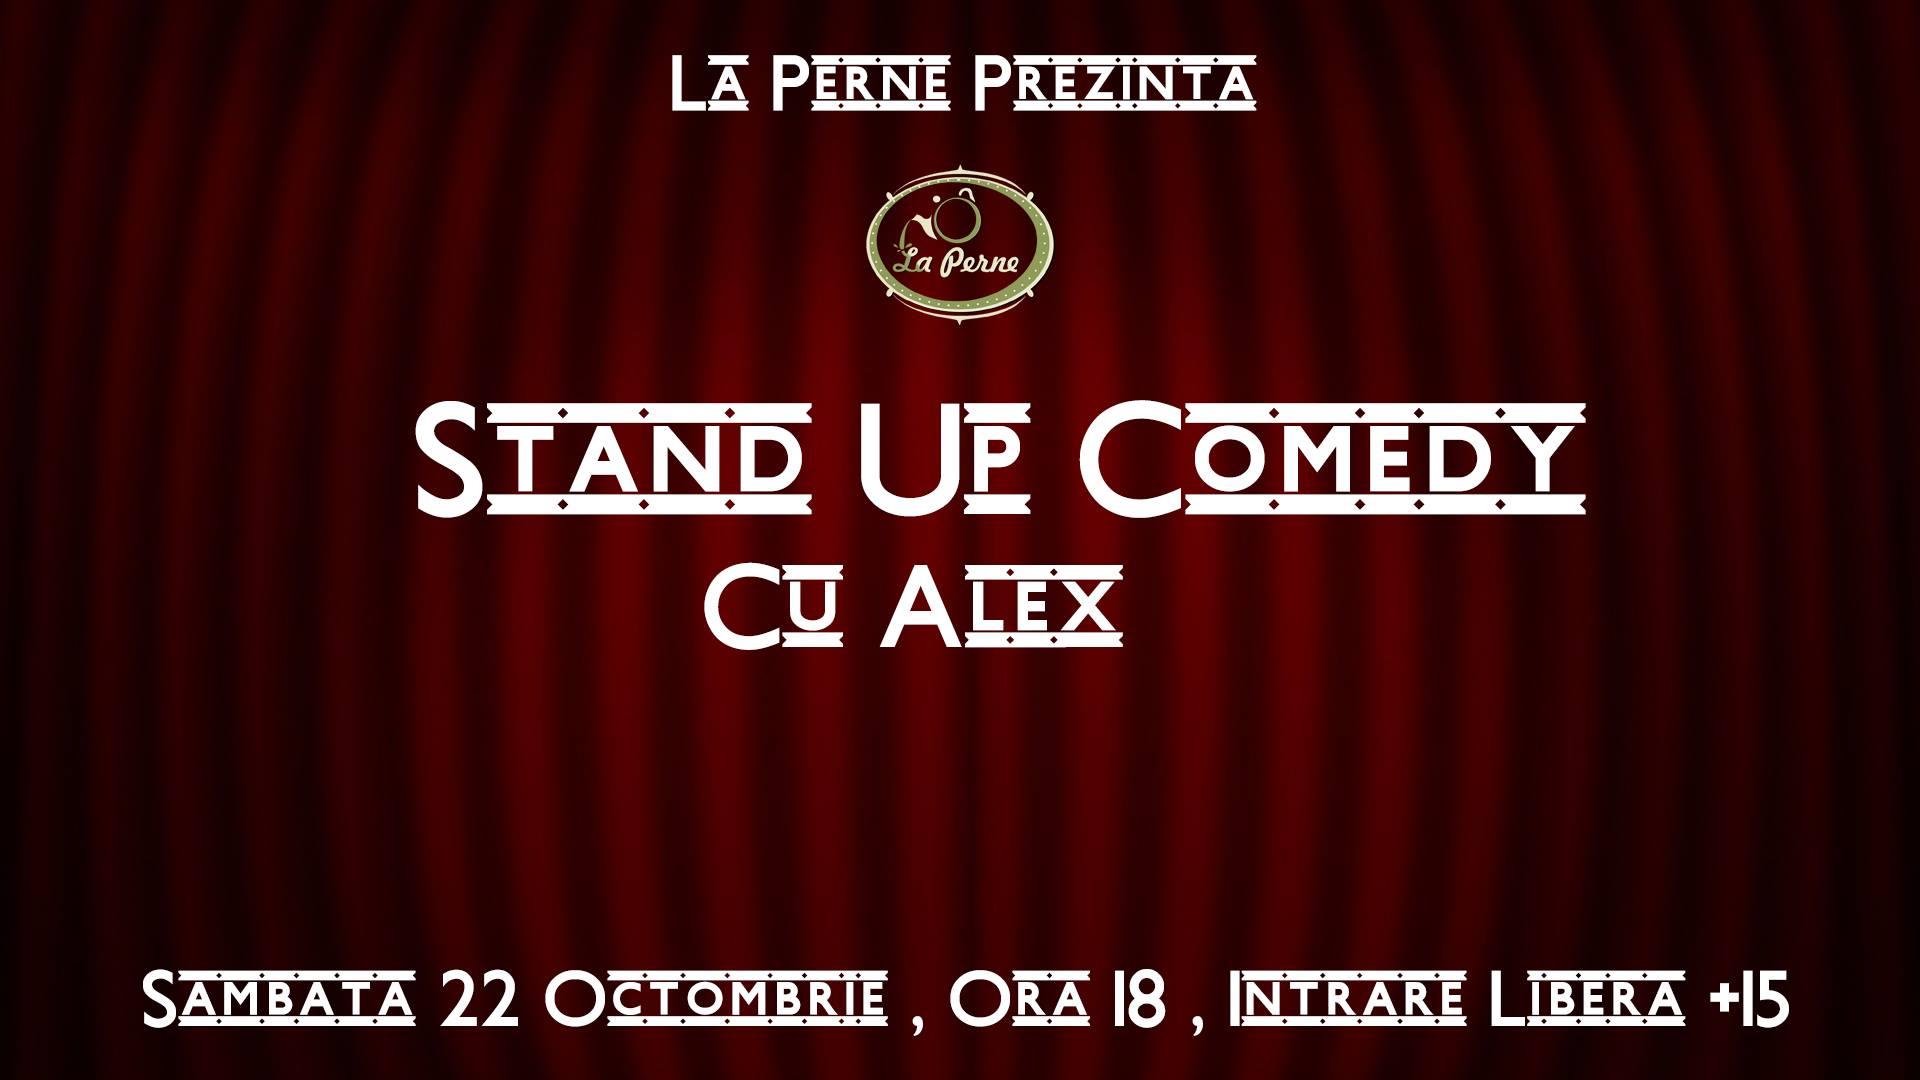 Stand Up Comedy cu Alex @ La Perne